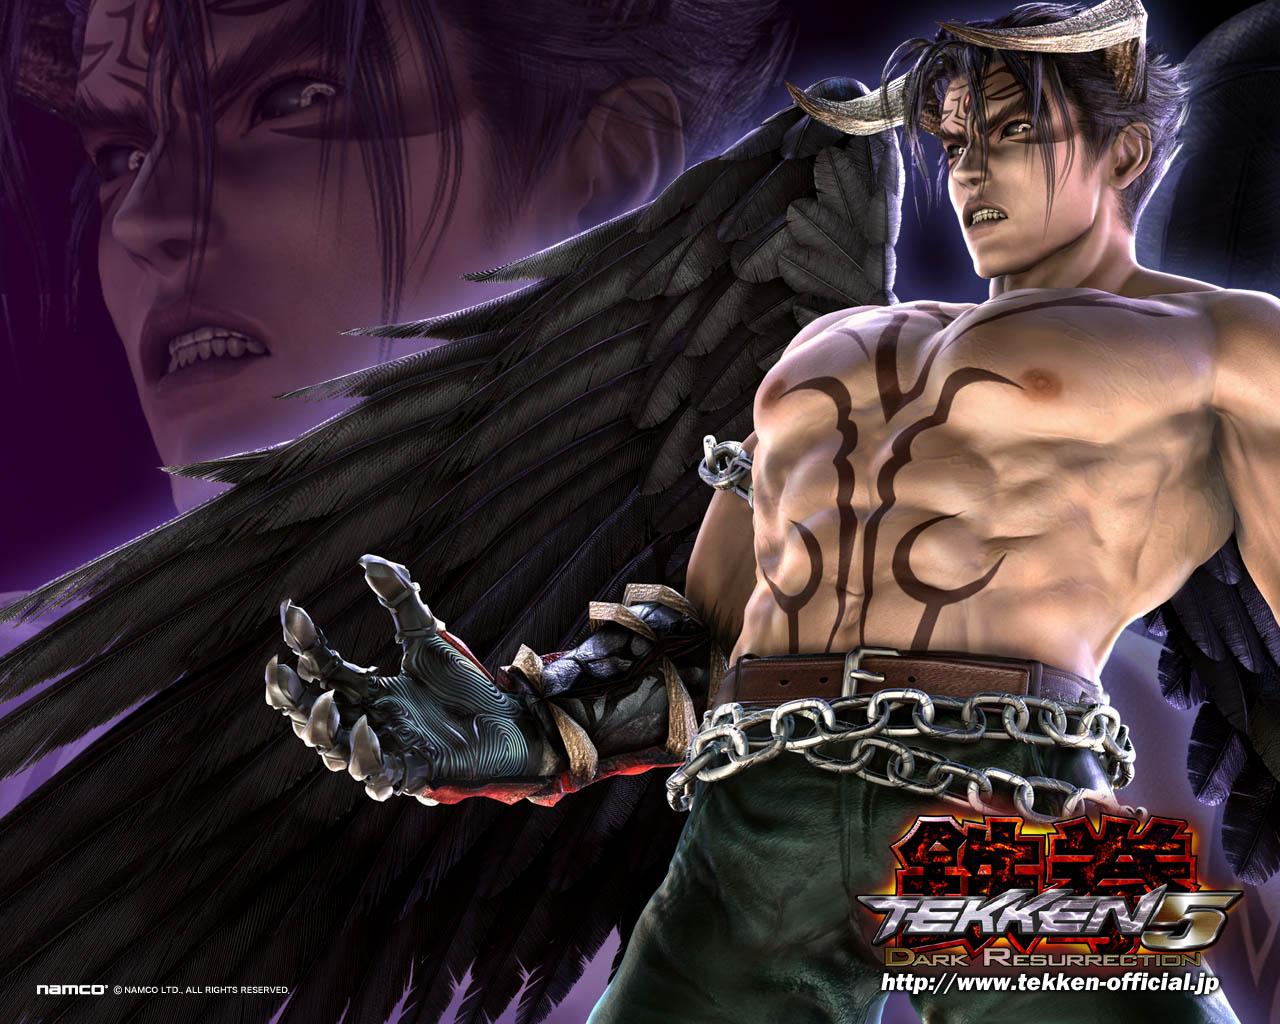 Tekken Universe Devil Jin